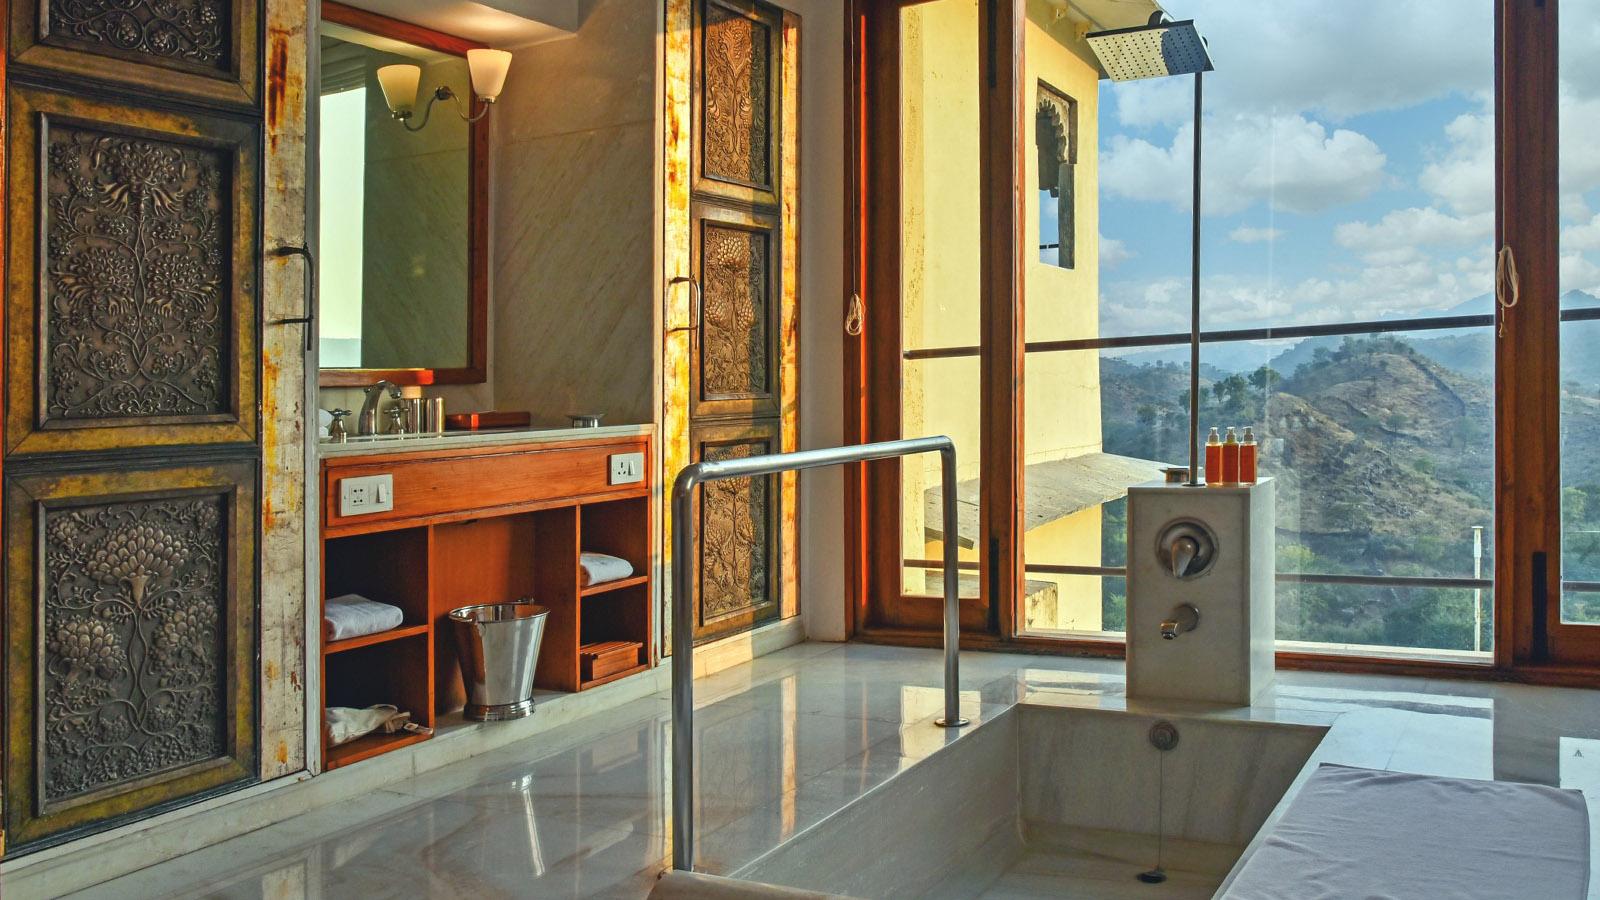 Aravalli-Suite-RAAS-Hotel-devigarh-Rajasthan-01